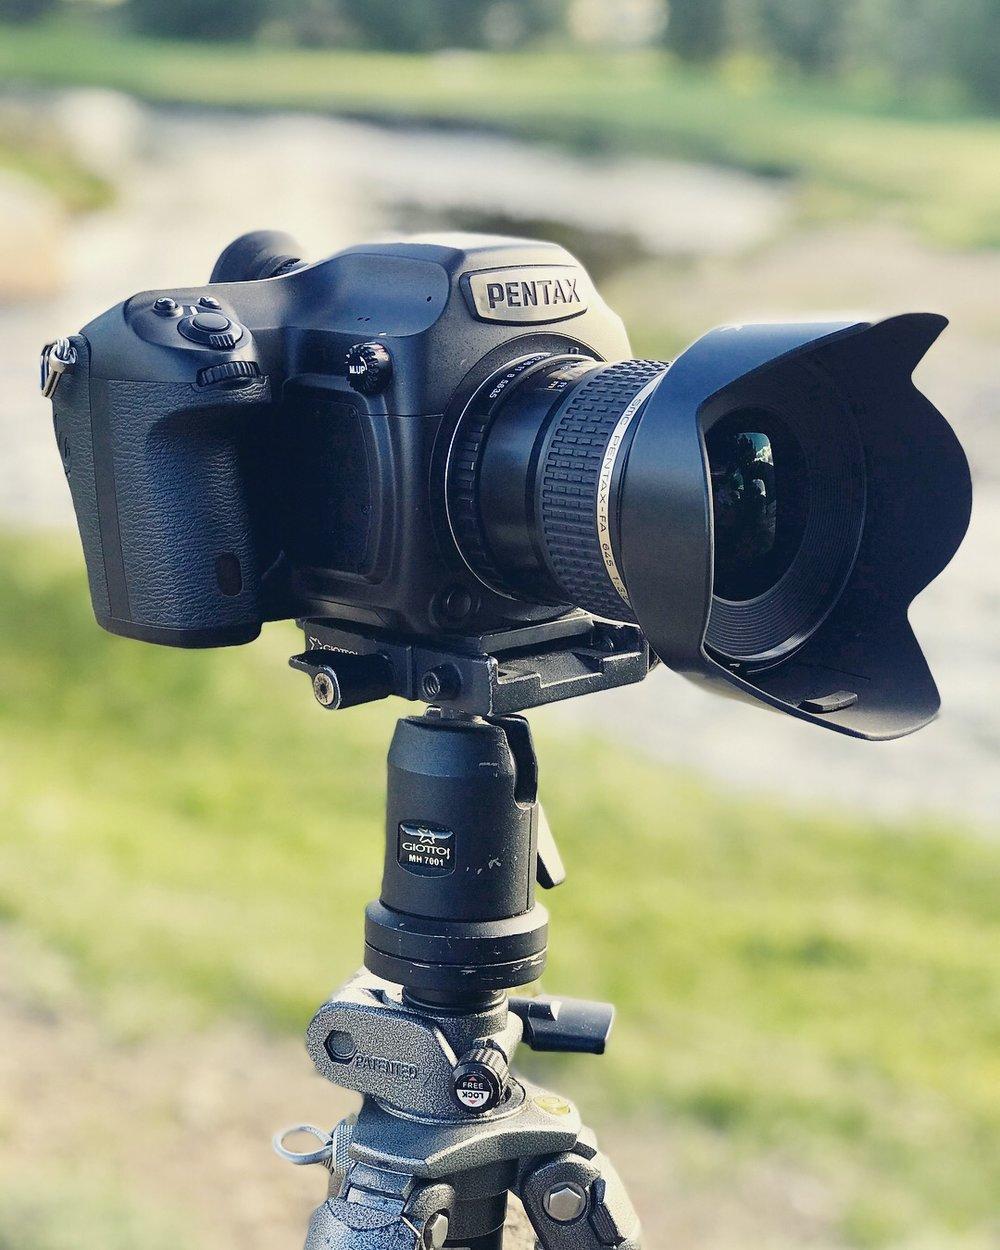 Pentax 645Z - Pentax-FA 35mm f3.5